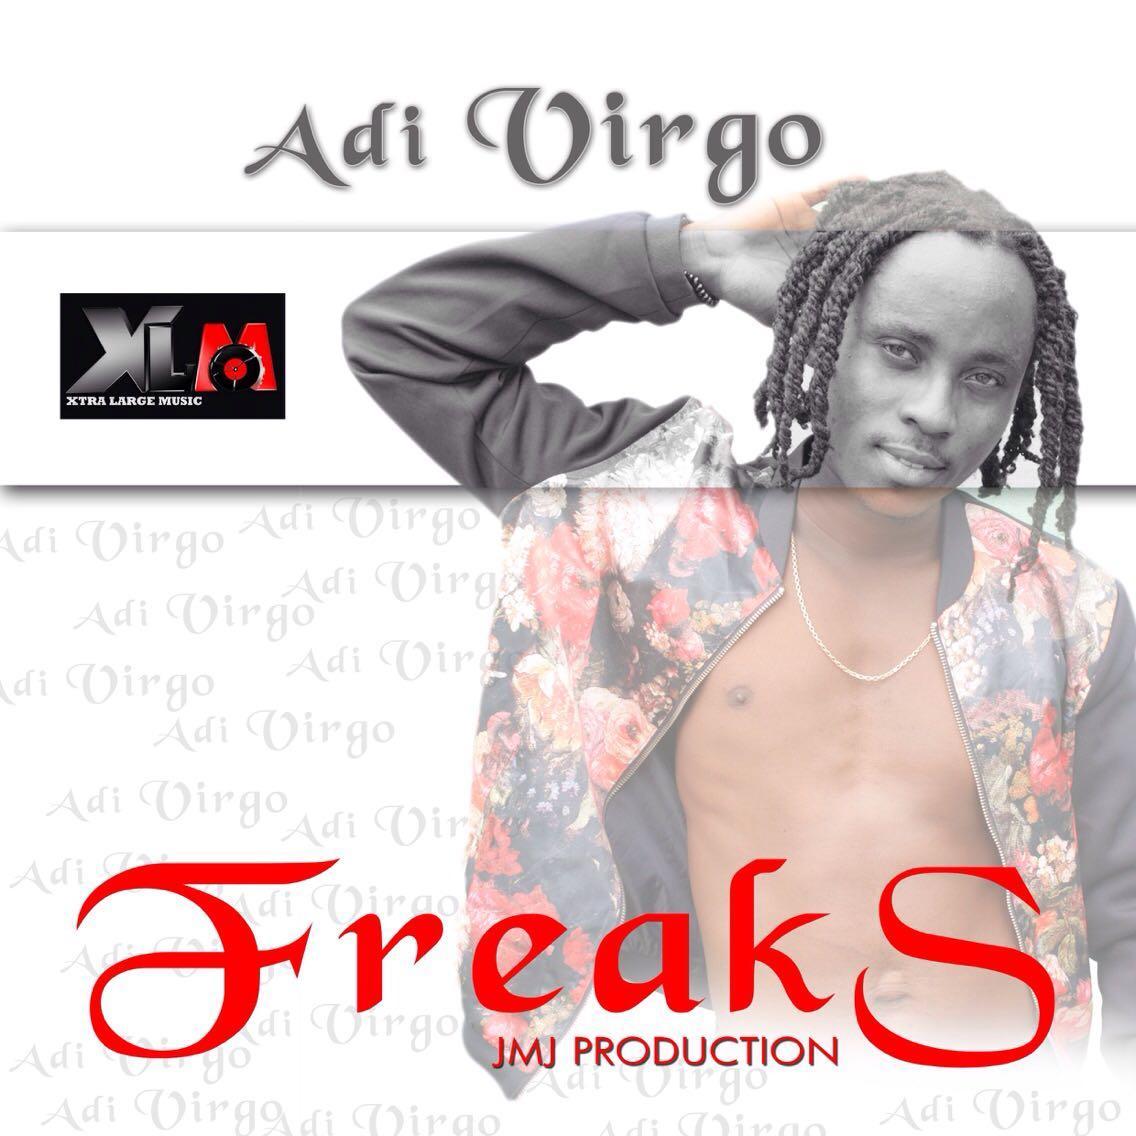 Adi Virgo Freaks Prod By JMJ